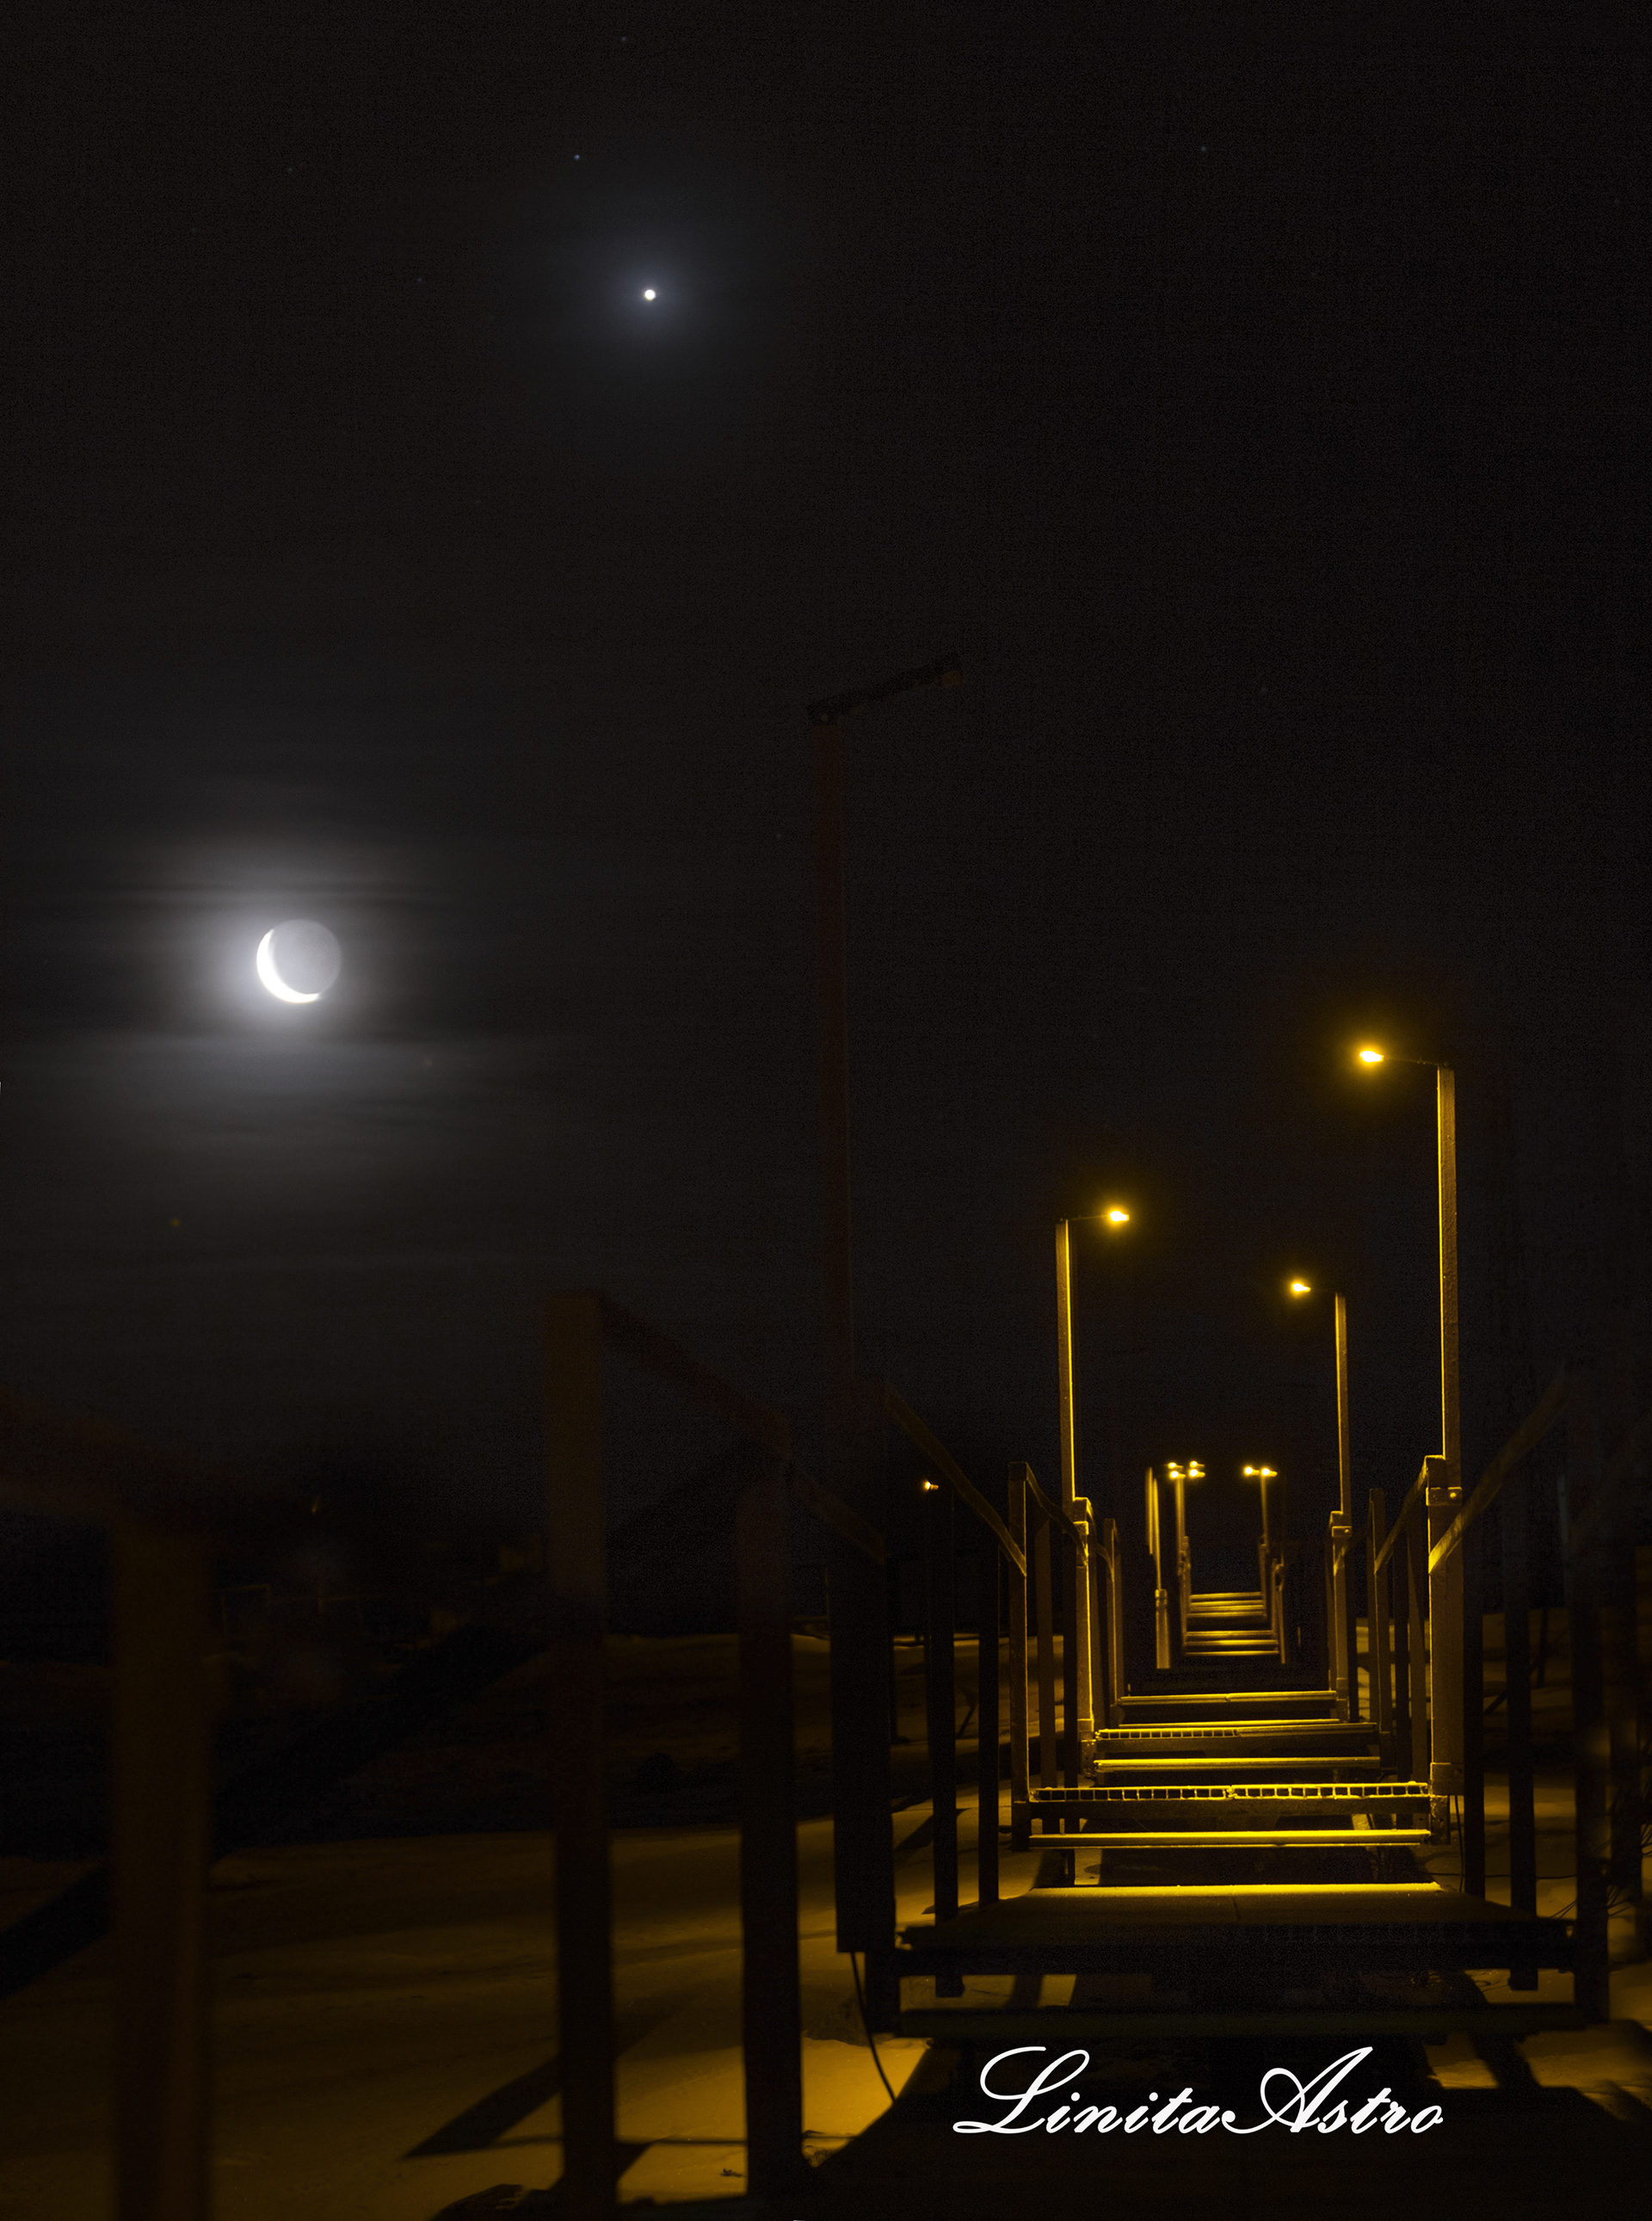 """""""Luna venusiana"""": """"Apenas bajó el sol empezó a observarse cómo nuestro satélite natural, que se veía como una luna creciente, estaba a la par con Venus"""". Sobre el paisaje están las típicas pasarelas de la Base Marambio."""